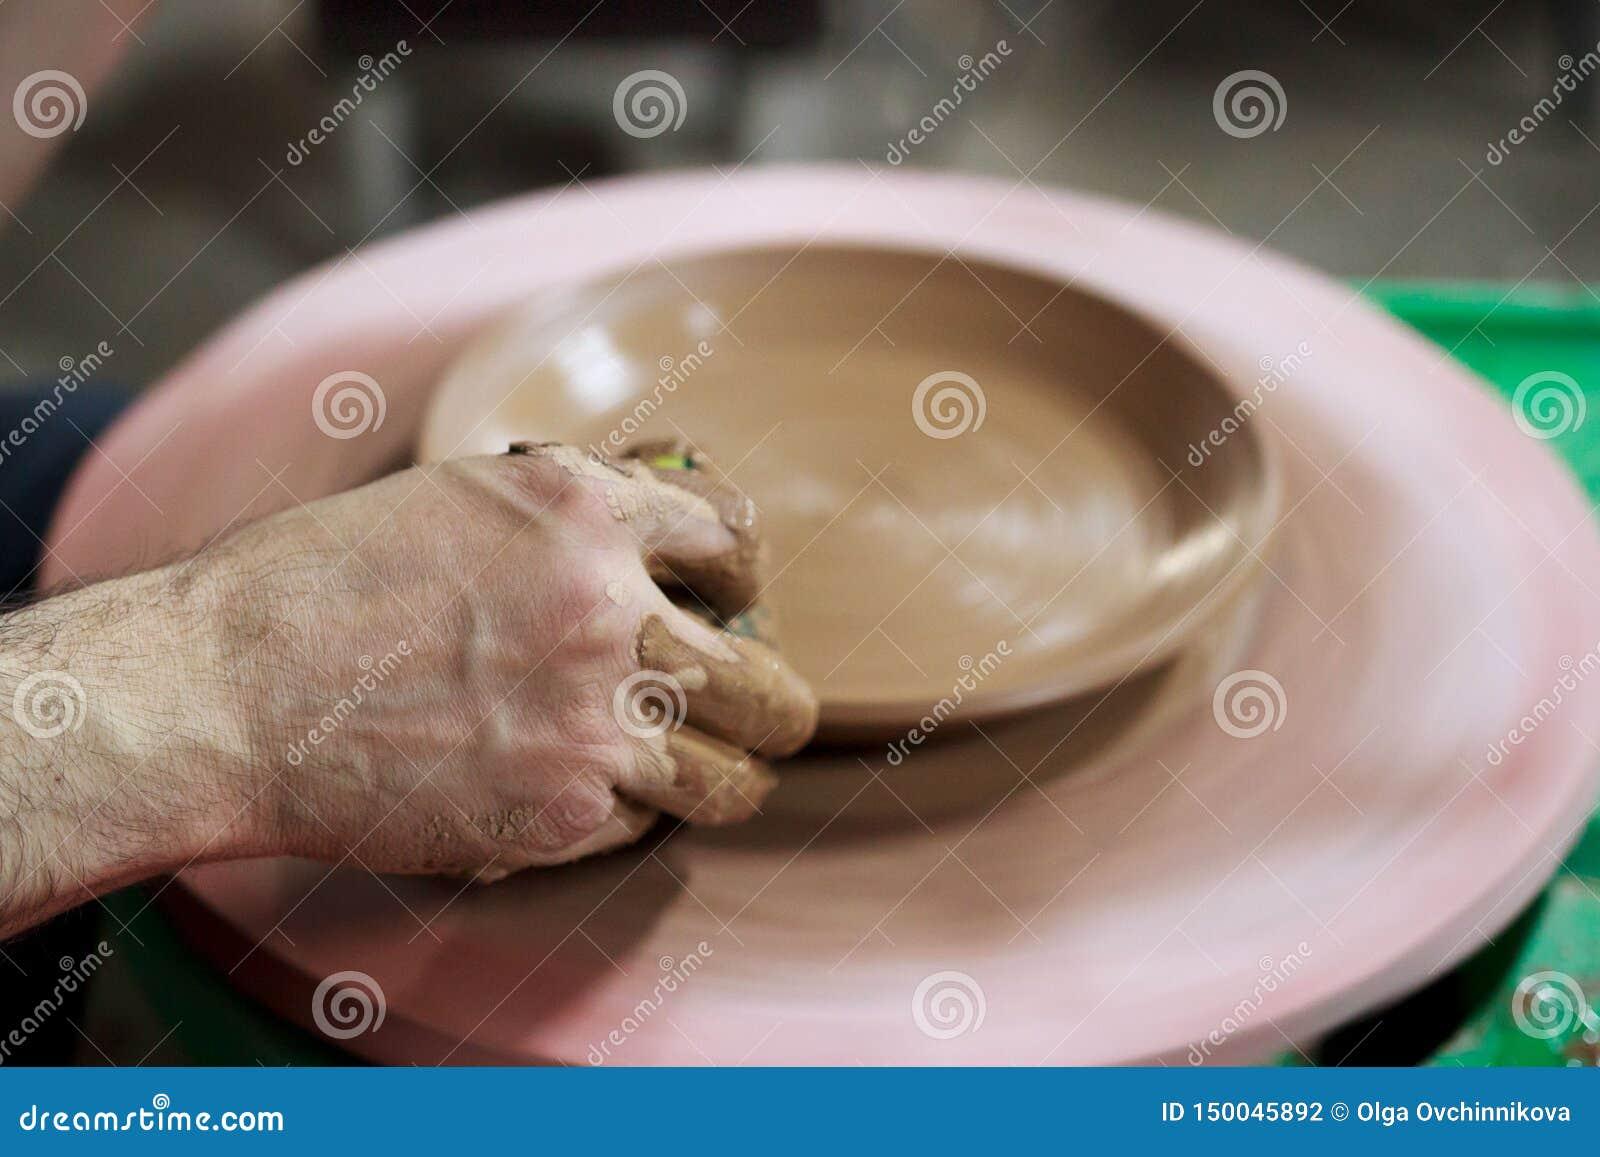 Un ceramist principal avec 13 ans d expérience fait le plat à partir de l argile rouge sur une roue de potier, sur une feuille de